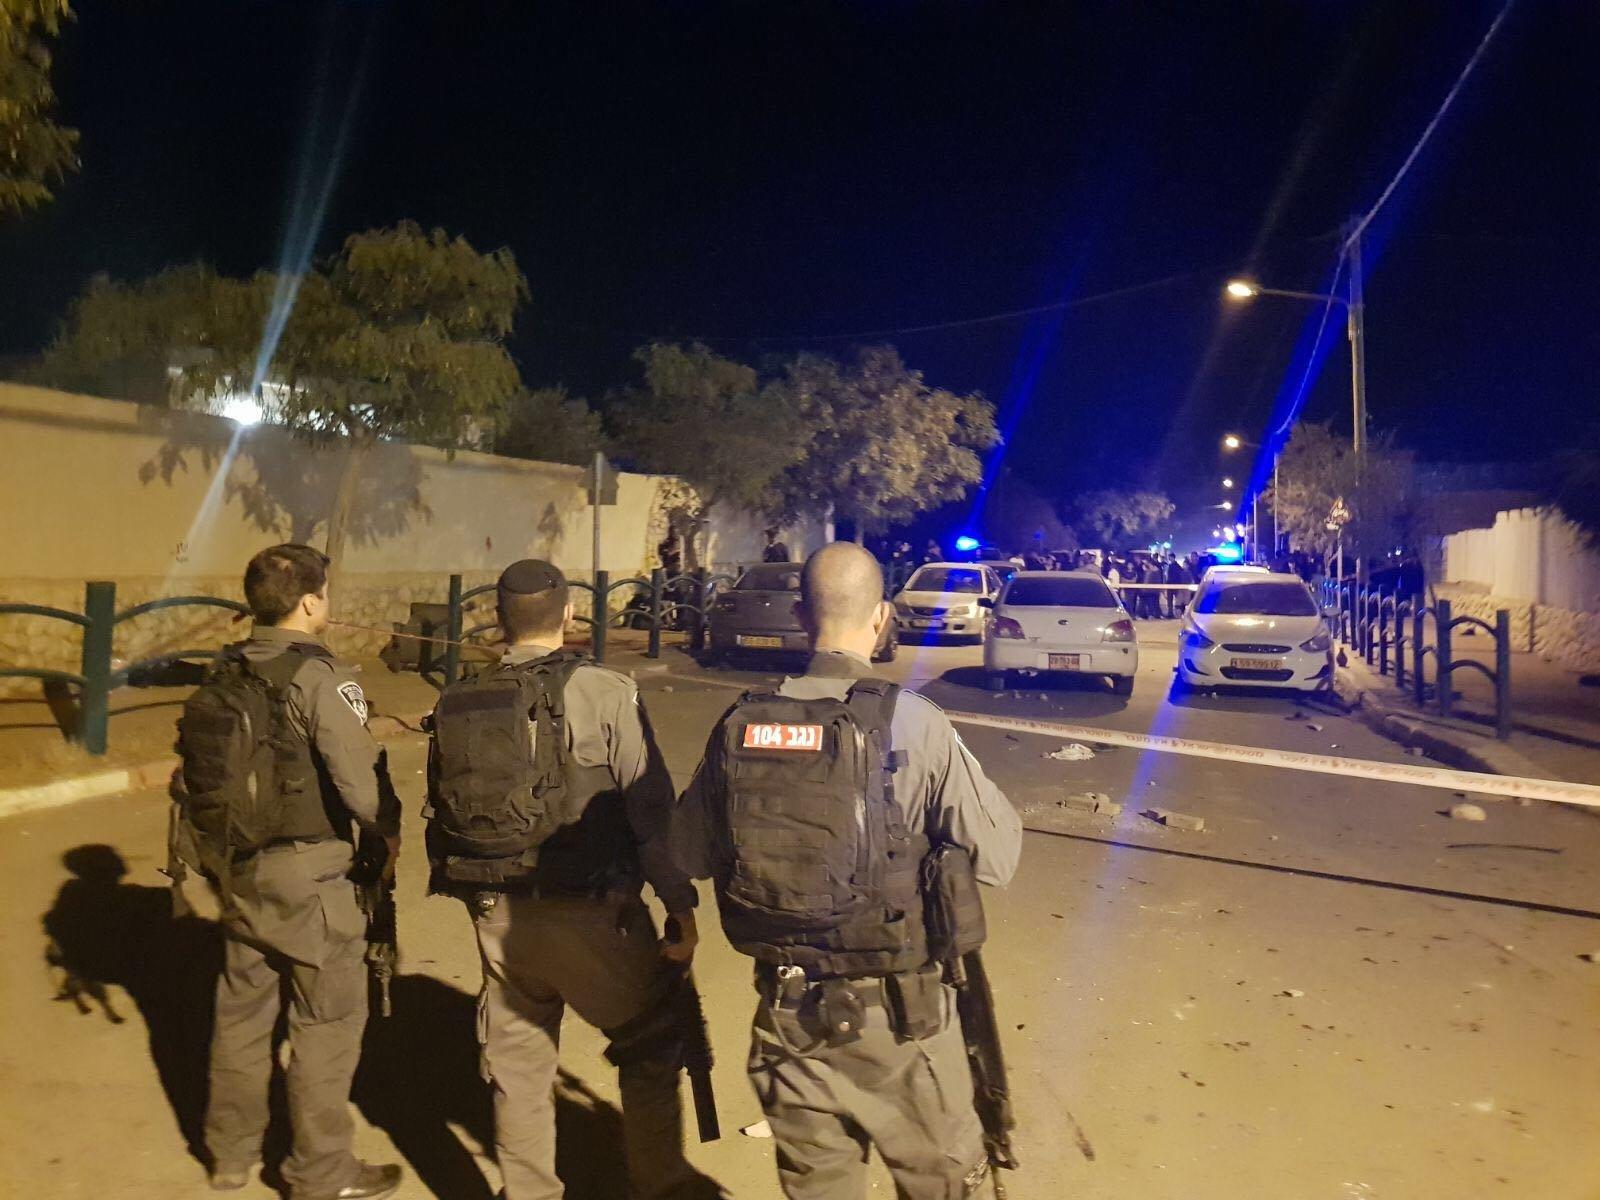 تل السبع: مصرع فخري ابو طه (25 عاما) واصابة 6 آخرين في شجار!